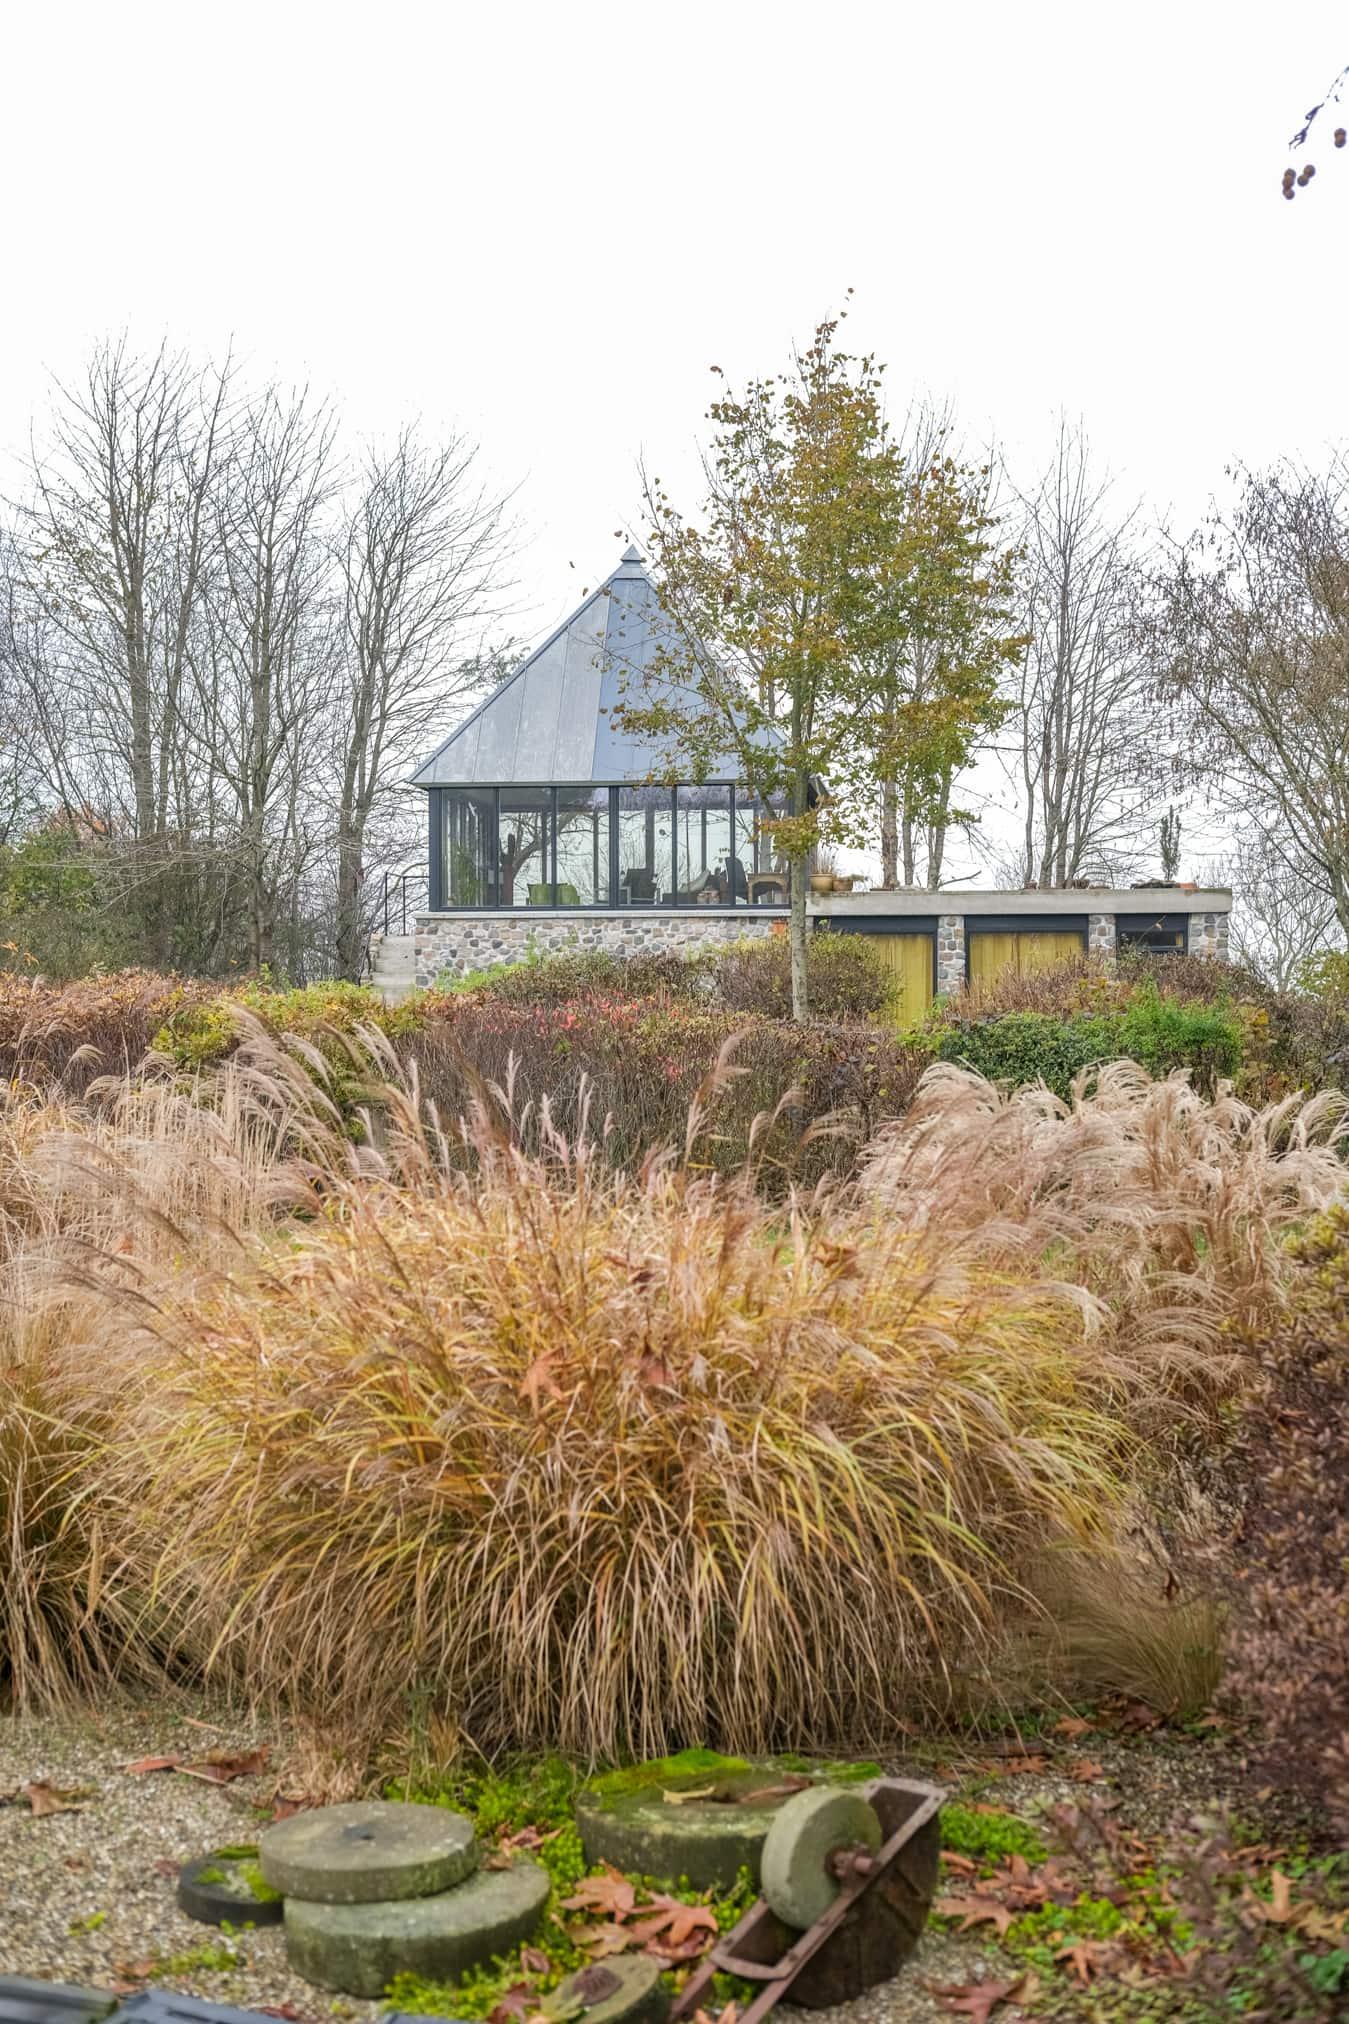 duurzaam overnachten in nederland